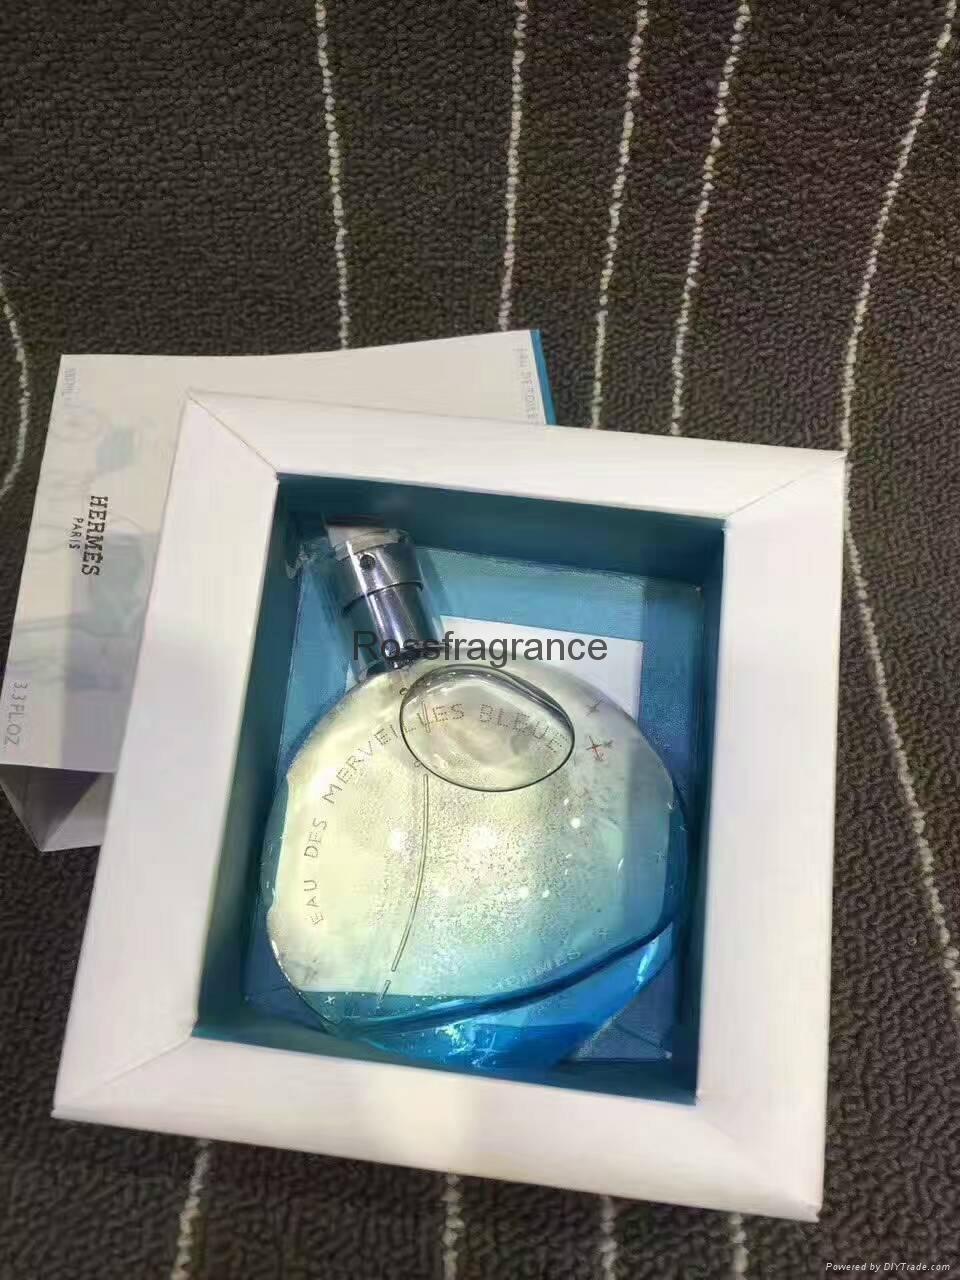 Good glass bottle perfume for women Eau de toilette 100ml 1